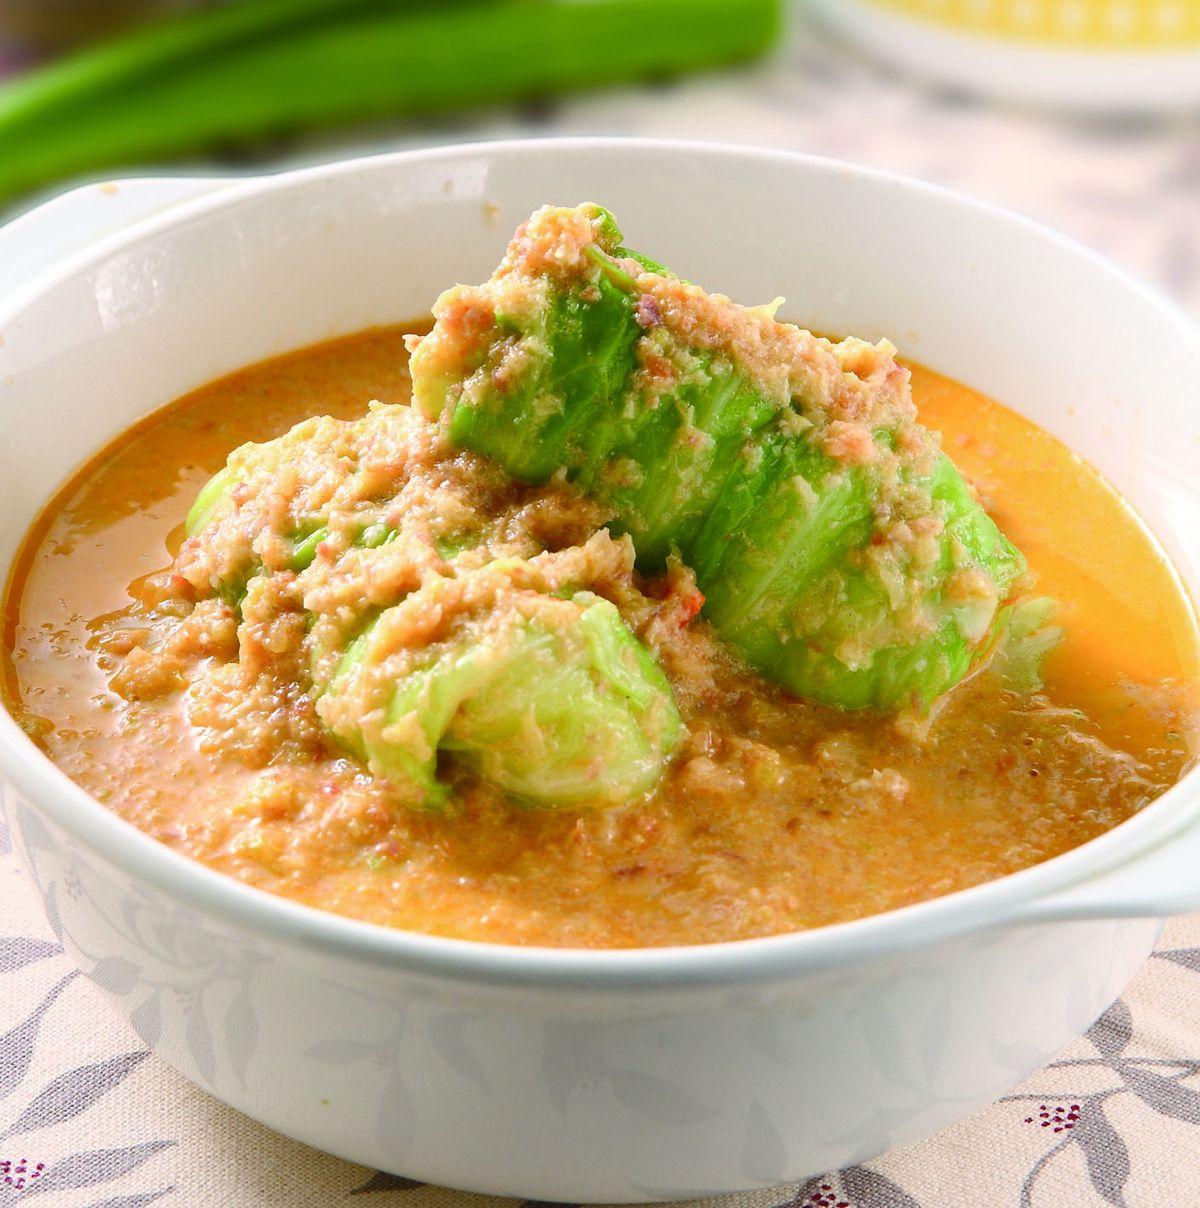 食譜:高麗菜卷佐白菜蕃茄湯